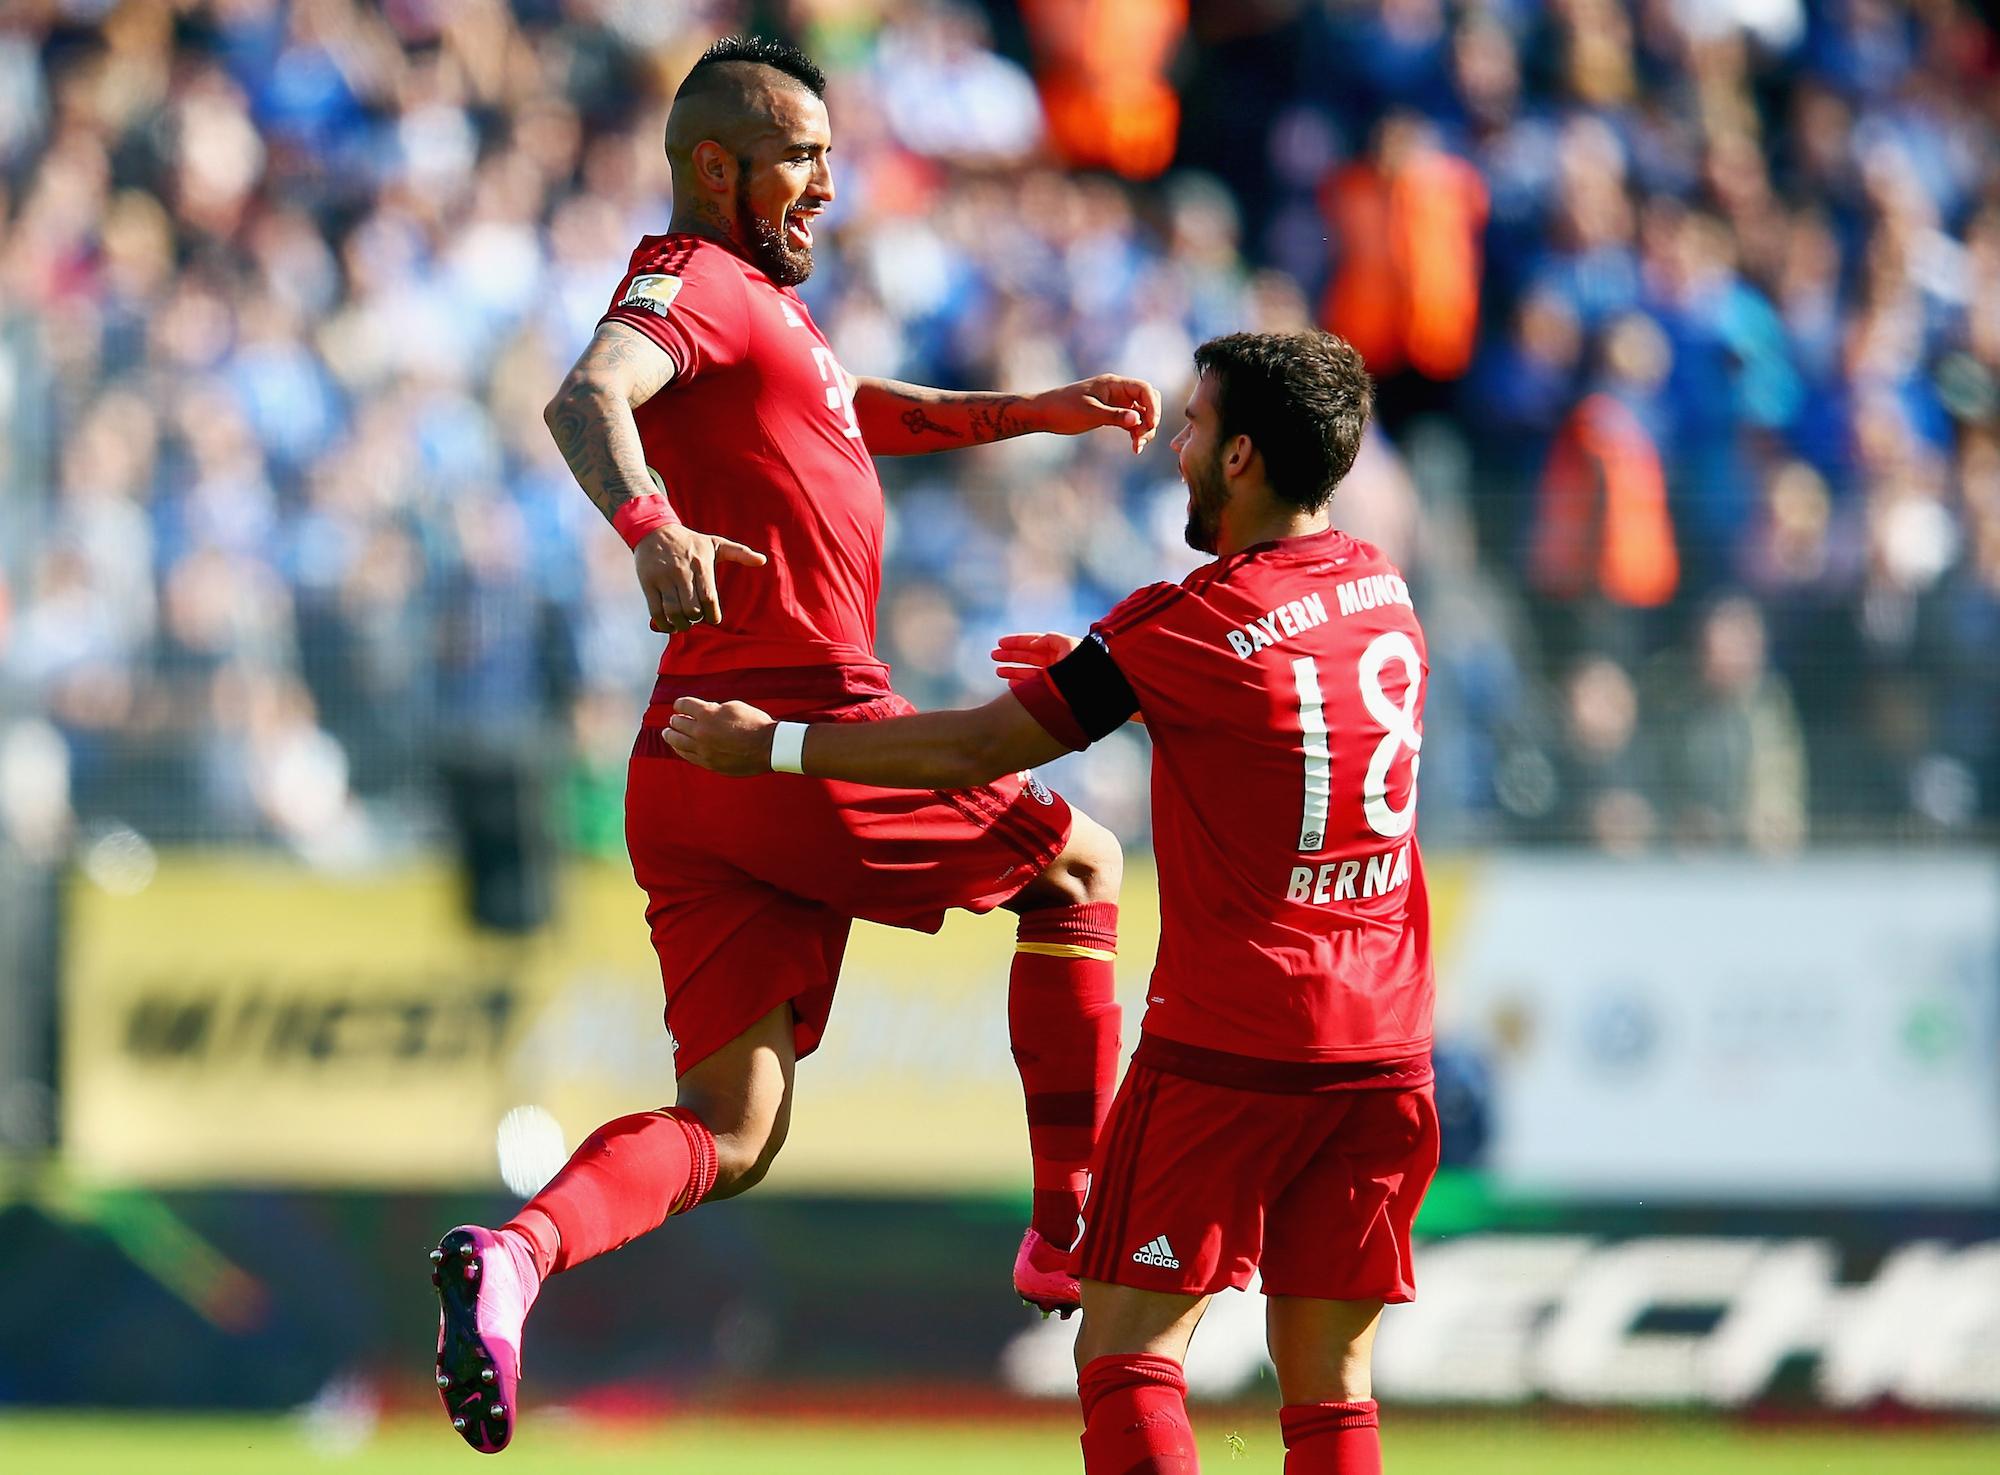 SV Darmstadt 98 v FC Bayern Muenchen - Bundesliga